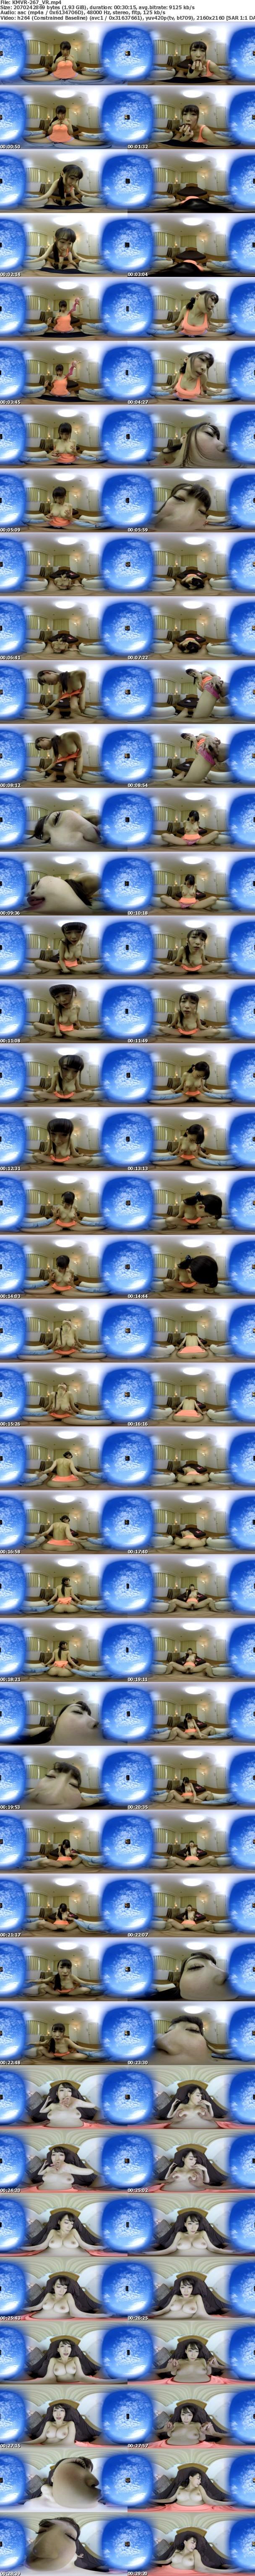 VR/3D KMVR-267 【VR】た~っぷりベロチューしながら巨乳お姉さんとたっくさん生中出しSEXしちゃお 蓮実クレア